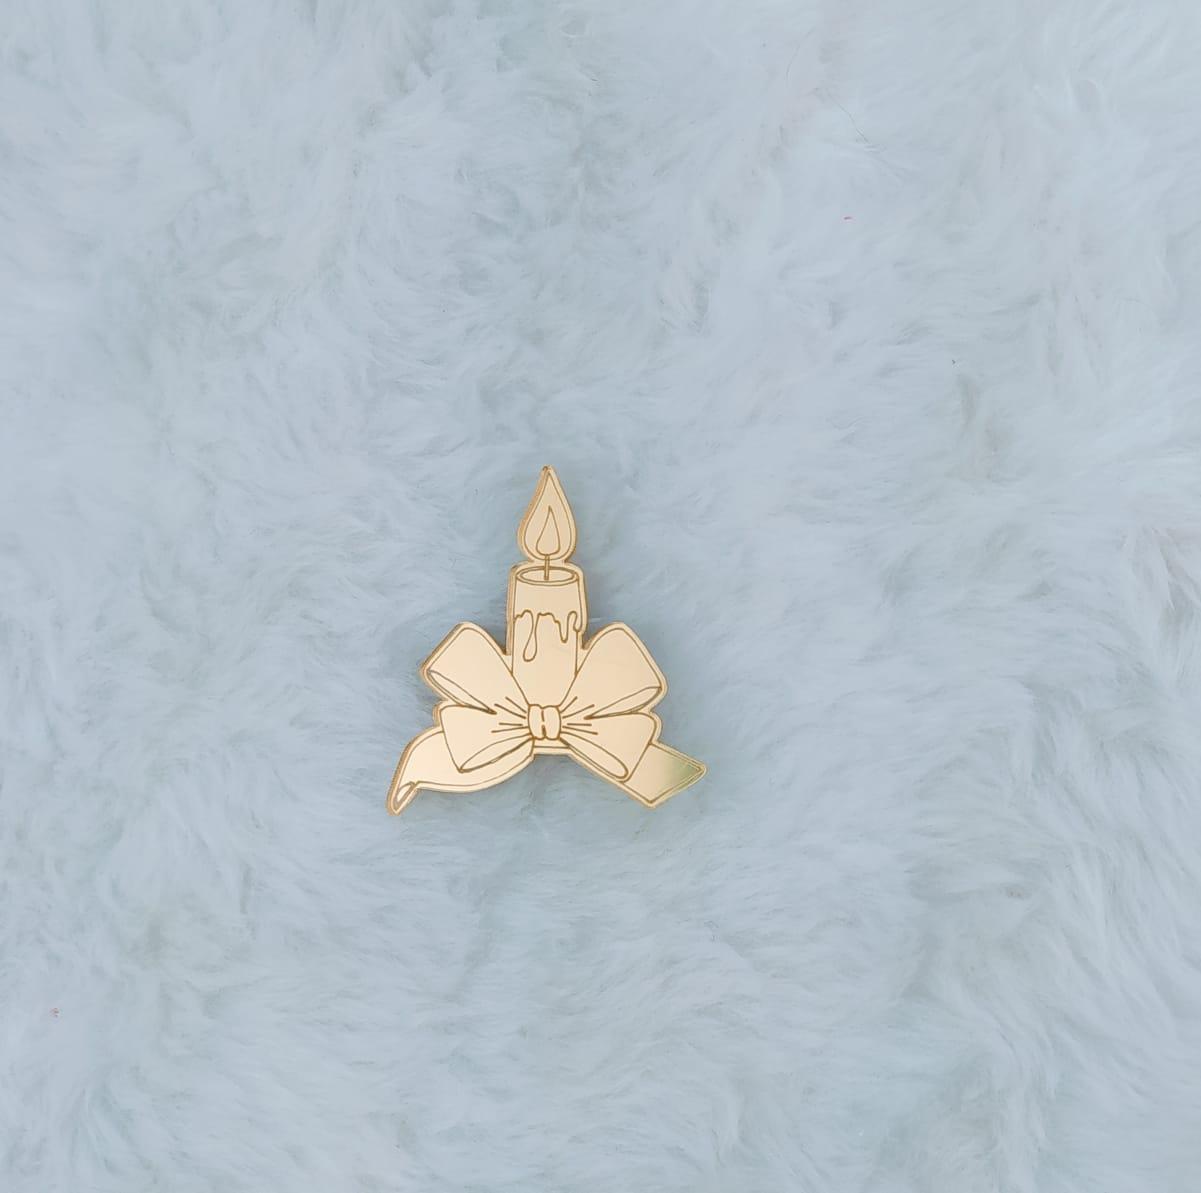 Aplique em acrílico espelhado - Vela - 5cm c/ 10 peças - Natal